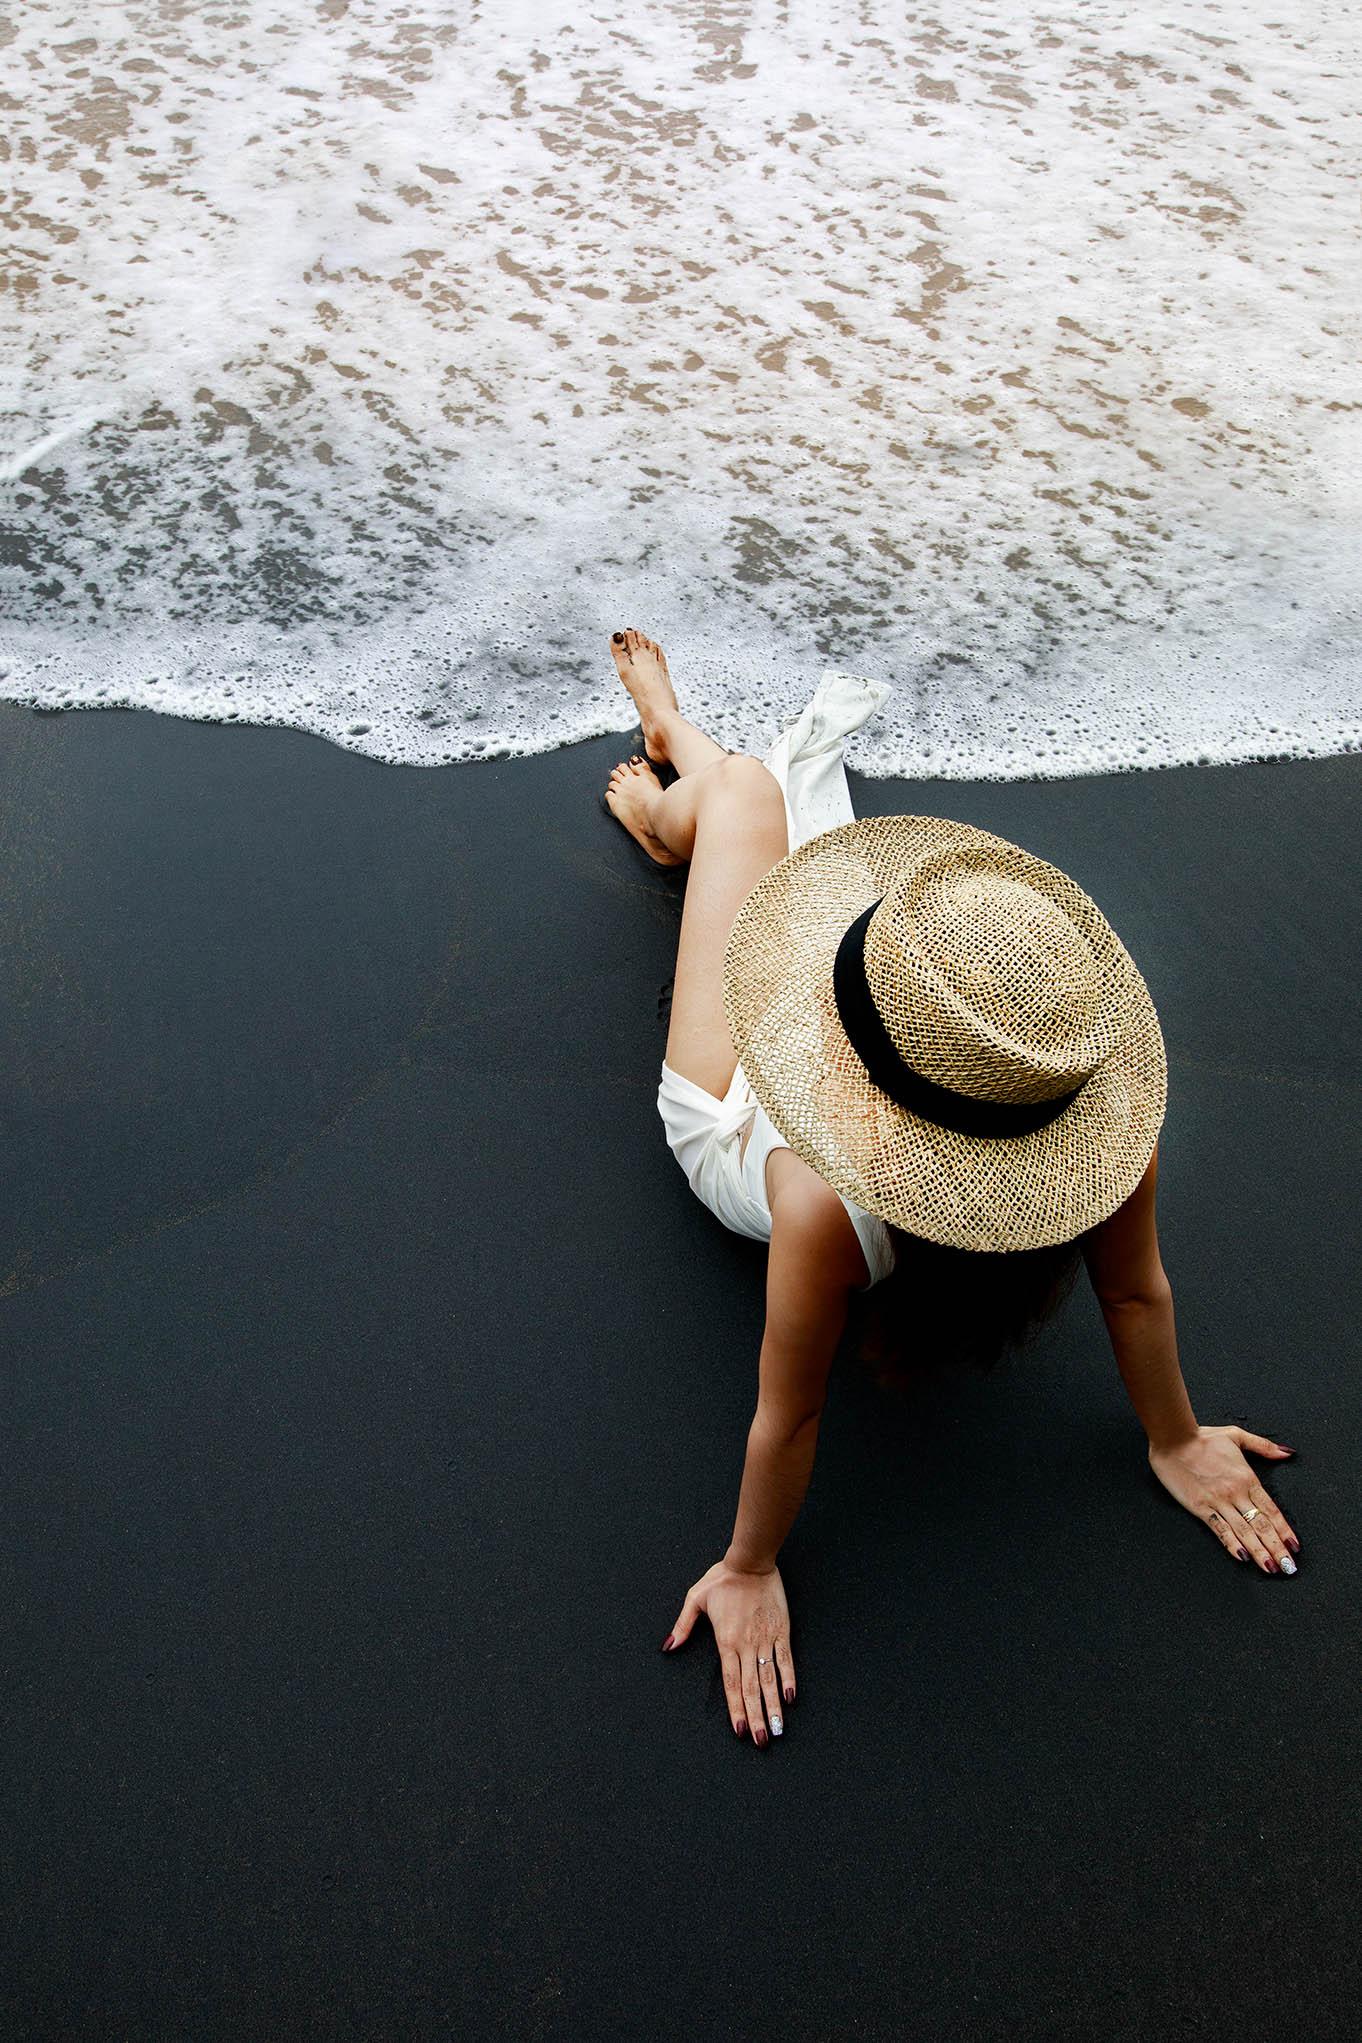 จุดเช็คอินถ่ายรูปปังๆ-ทะเลทรายสีดำ-กับน้ำทะเลใสๆ-ฟินมวากก ที่พักเขาหลัก,บันดารี,รีสอร์ท,แอนด์,สปา,เขาหลัก,หาดนางทอง,ทะเลสีดำ